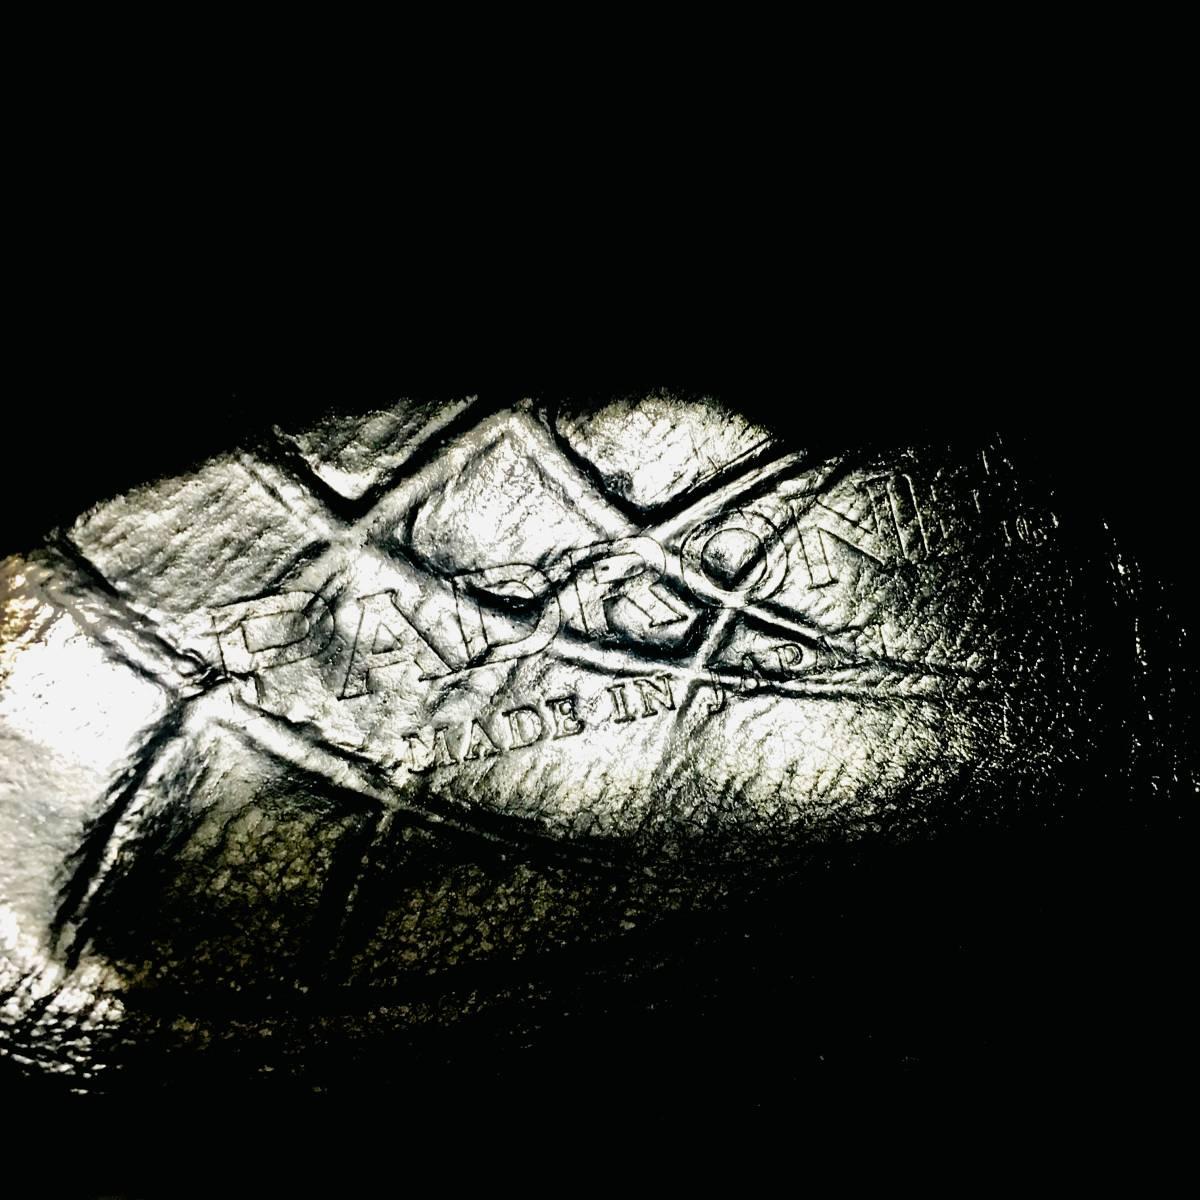 ■ 美品 定価3.8万 《 PADRONE 》 メンズ サイドゴア 本革 ショートブーツ 41 26-26.5cm 黒 パドローネ プレーントゥ レザーシューズ 革靴 _画像7